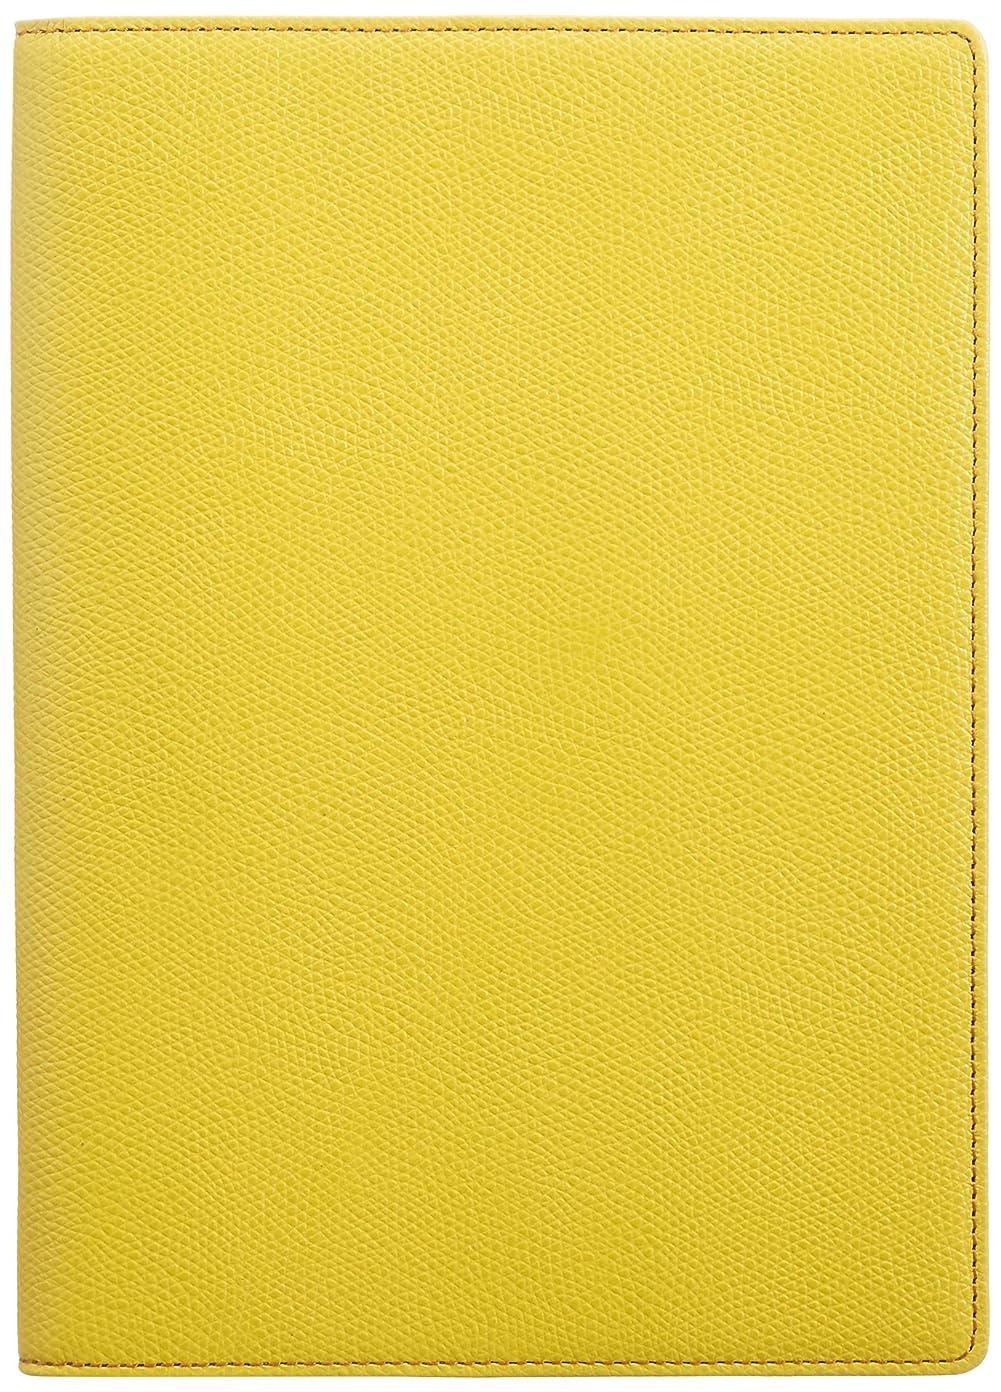 ほかにクリスチャンジョージエリオット*カラーチャート 手帳カバー A5 ペアグリーン